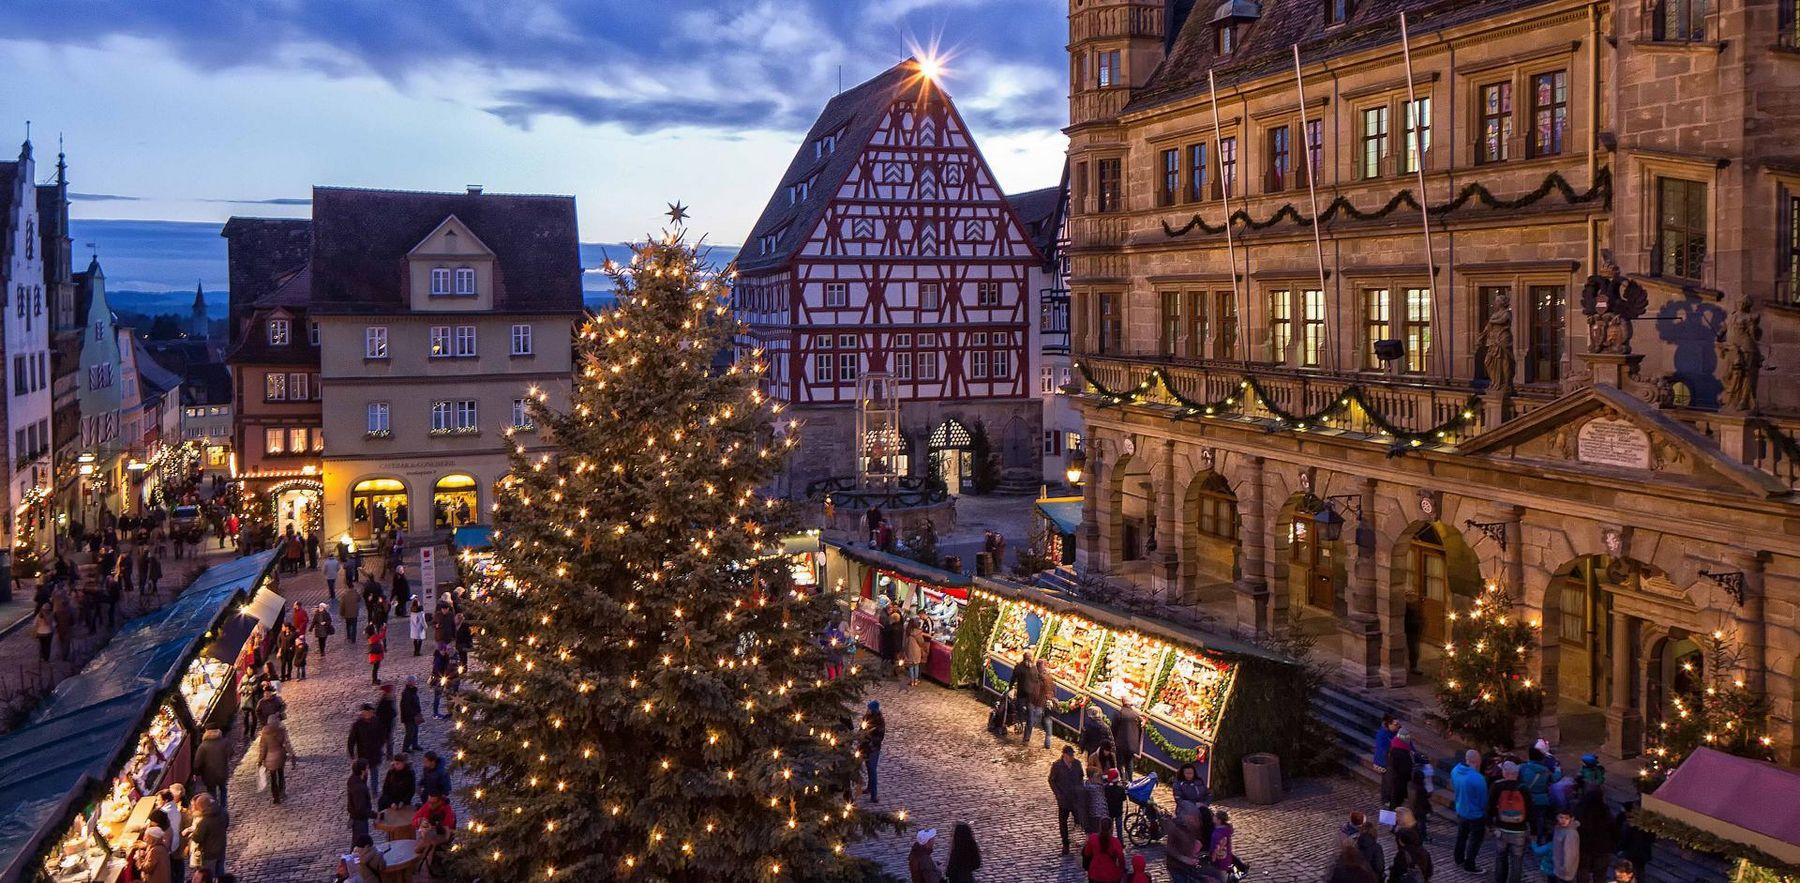 Rothenburg Tourismus Service W Pfitzinger Exkl Reiterlesmarkt RTS484